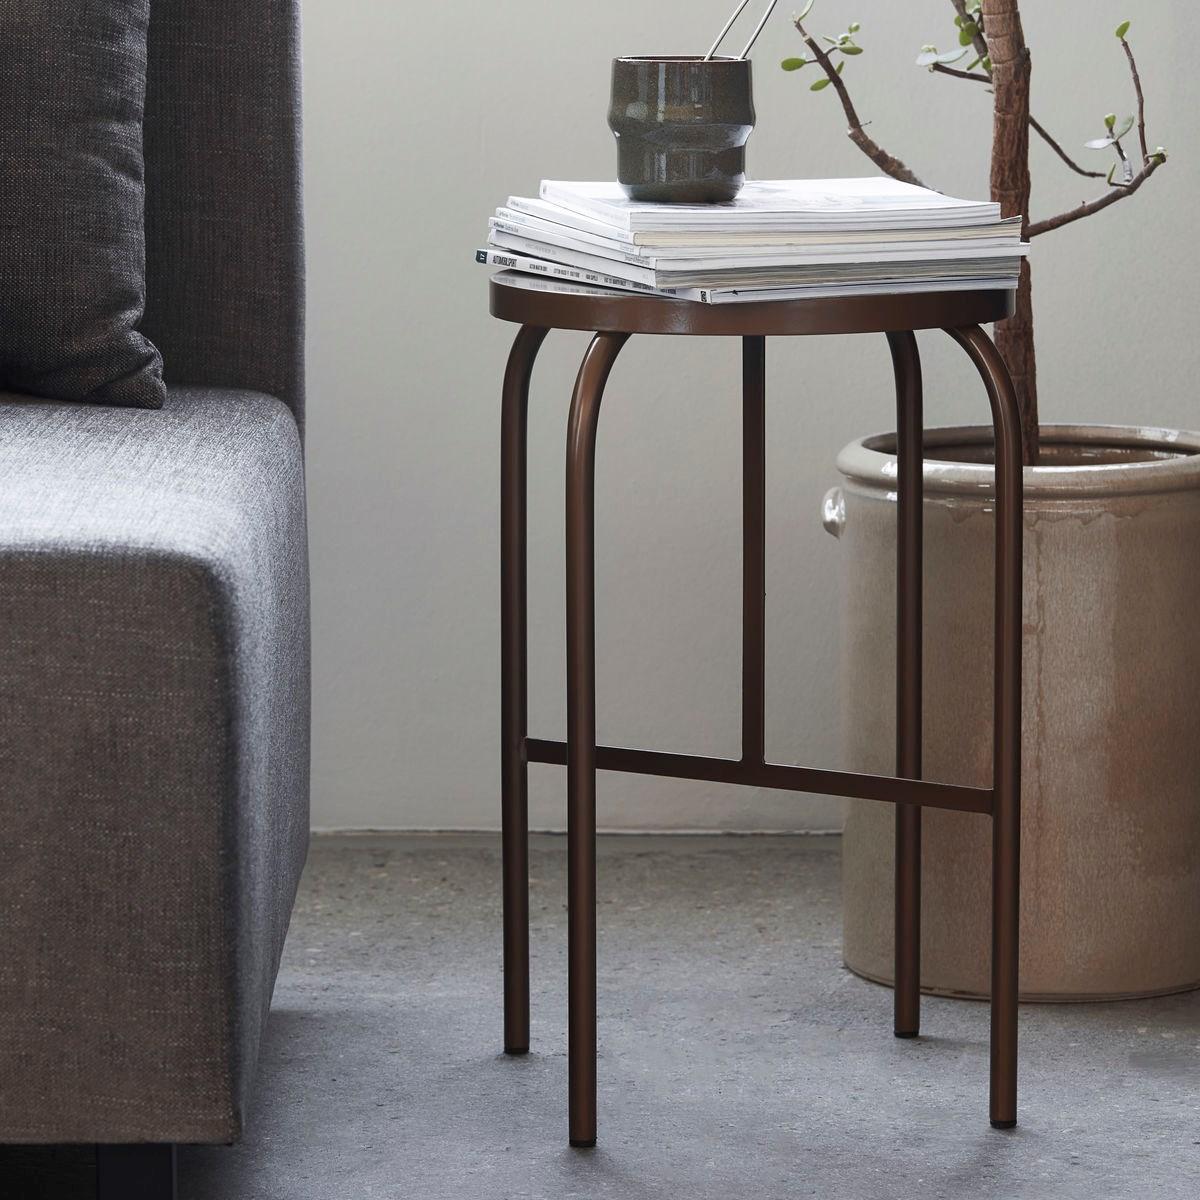 Kovová stolička SHAKER zlatohnědá_0